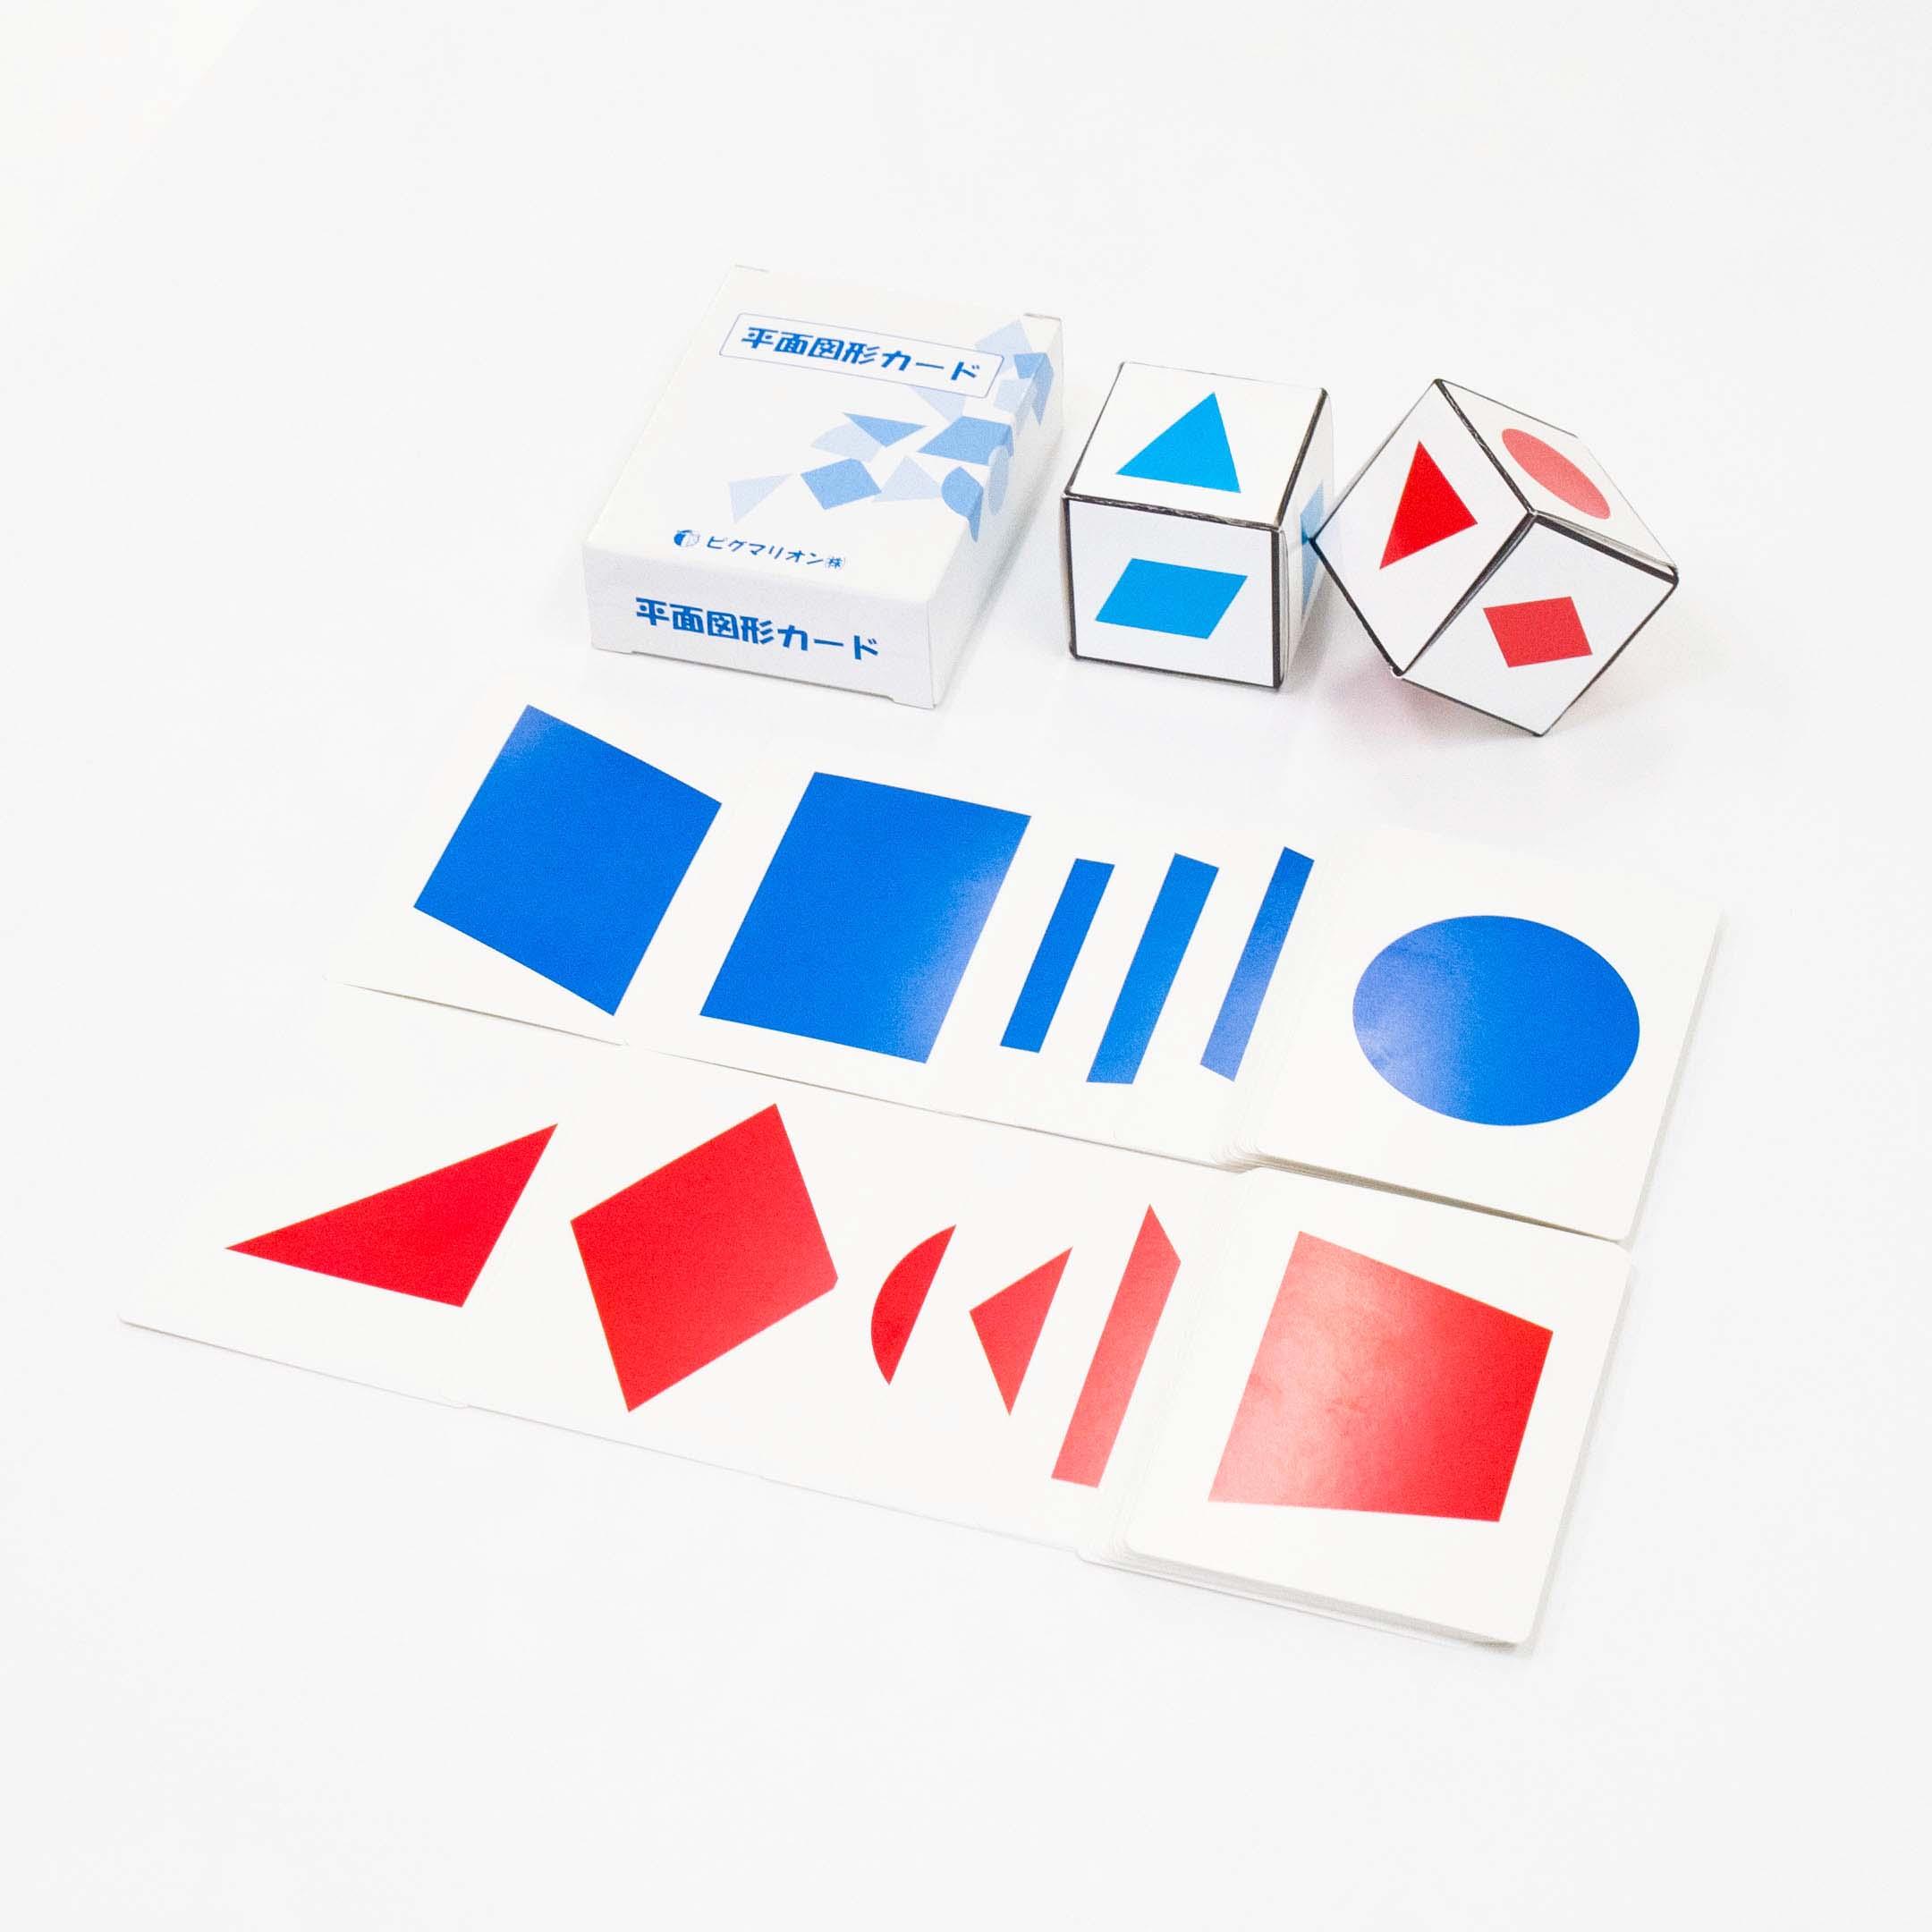 平面図形カードセット